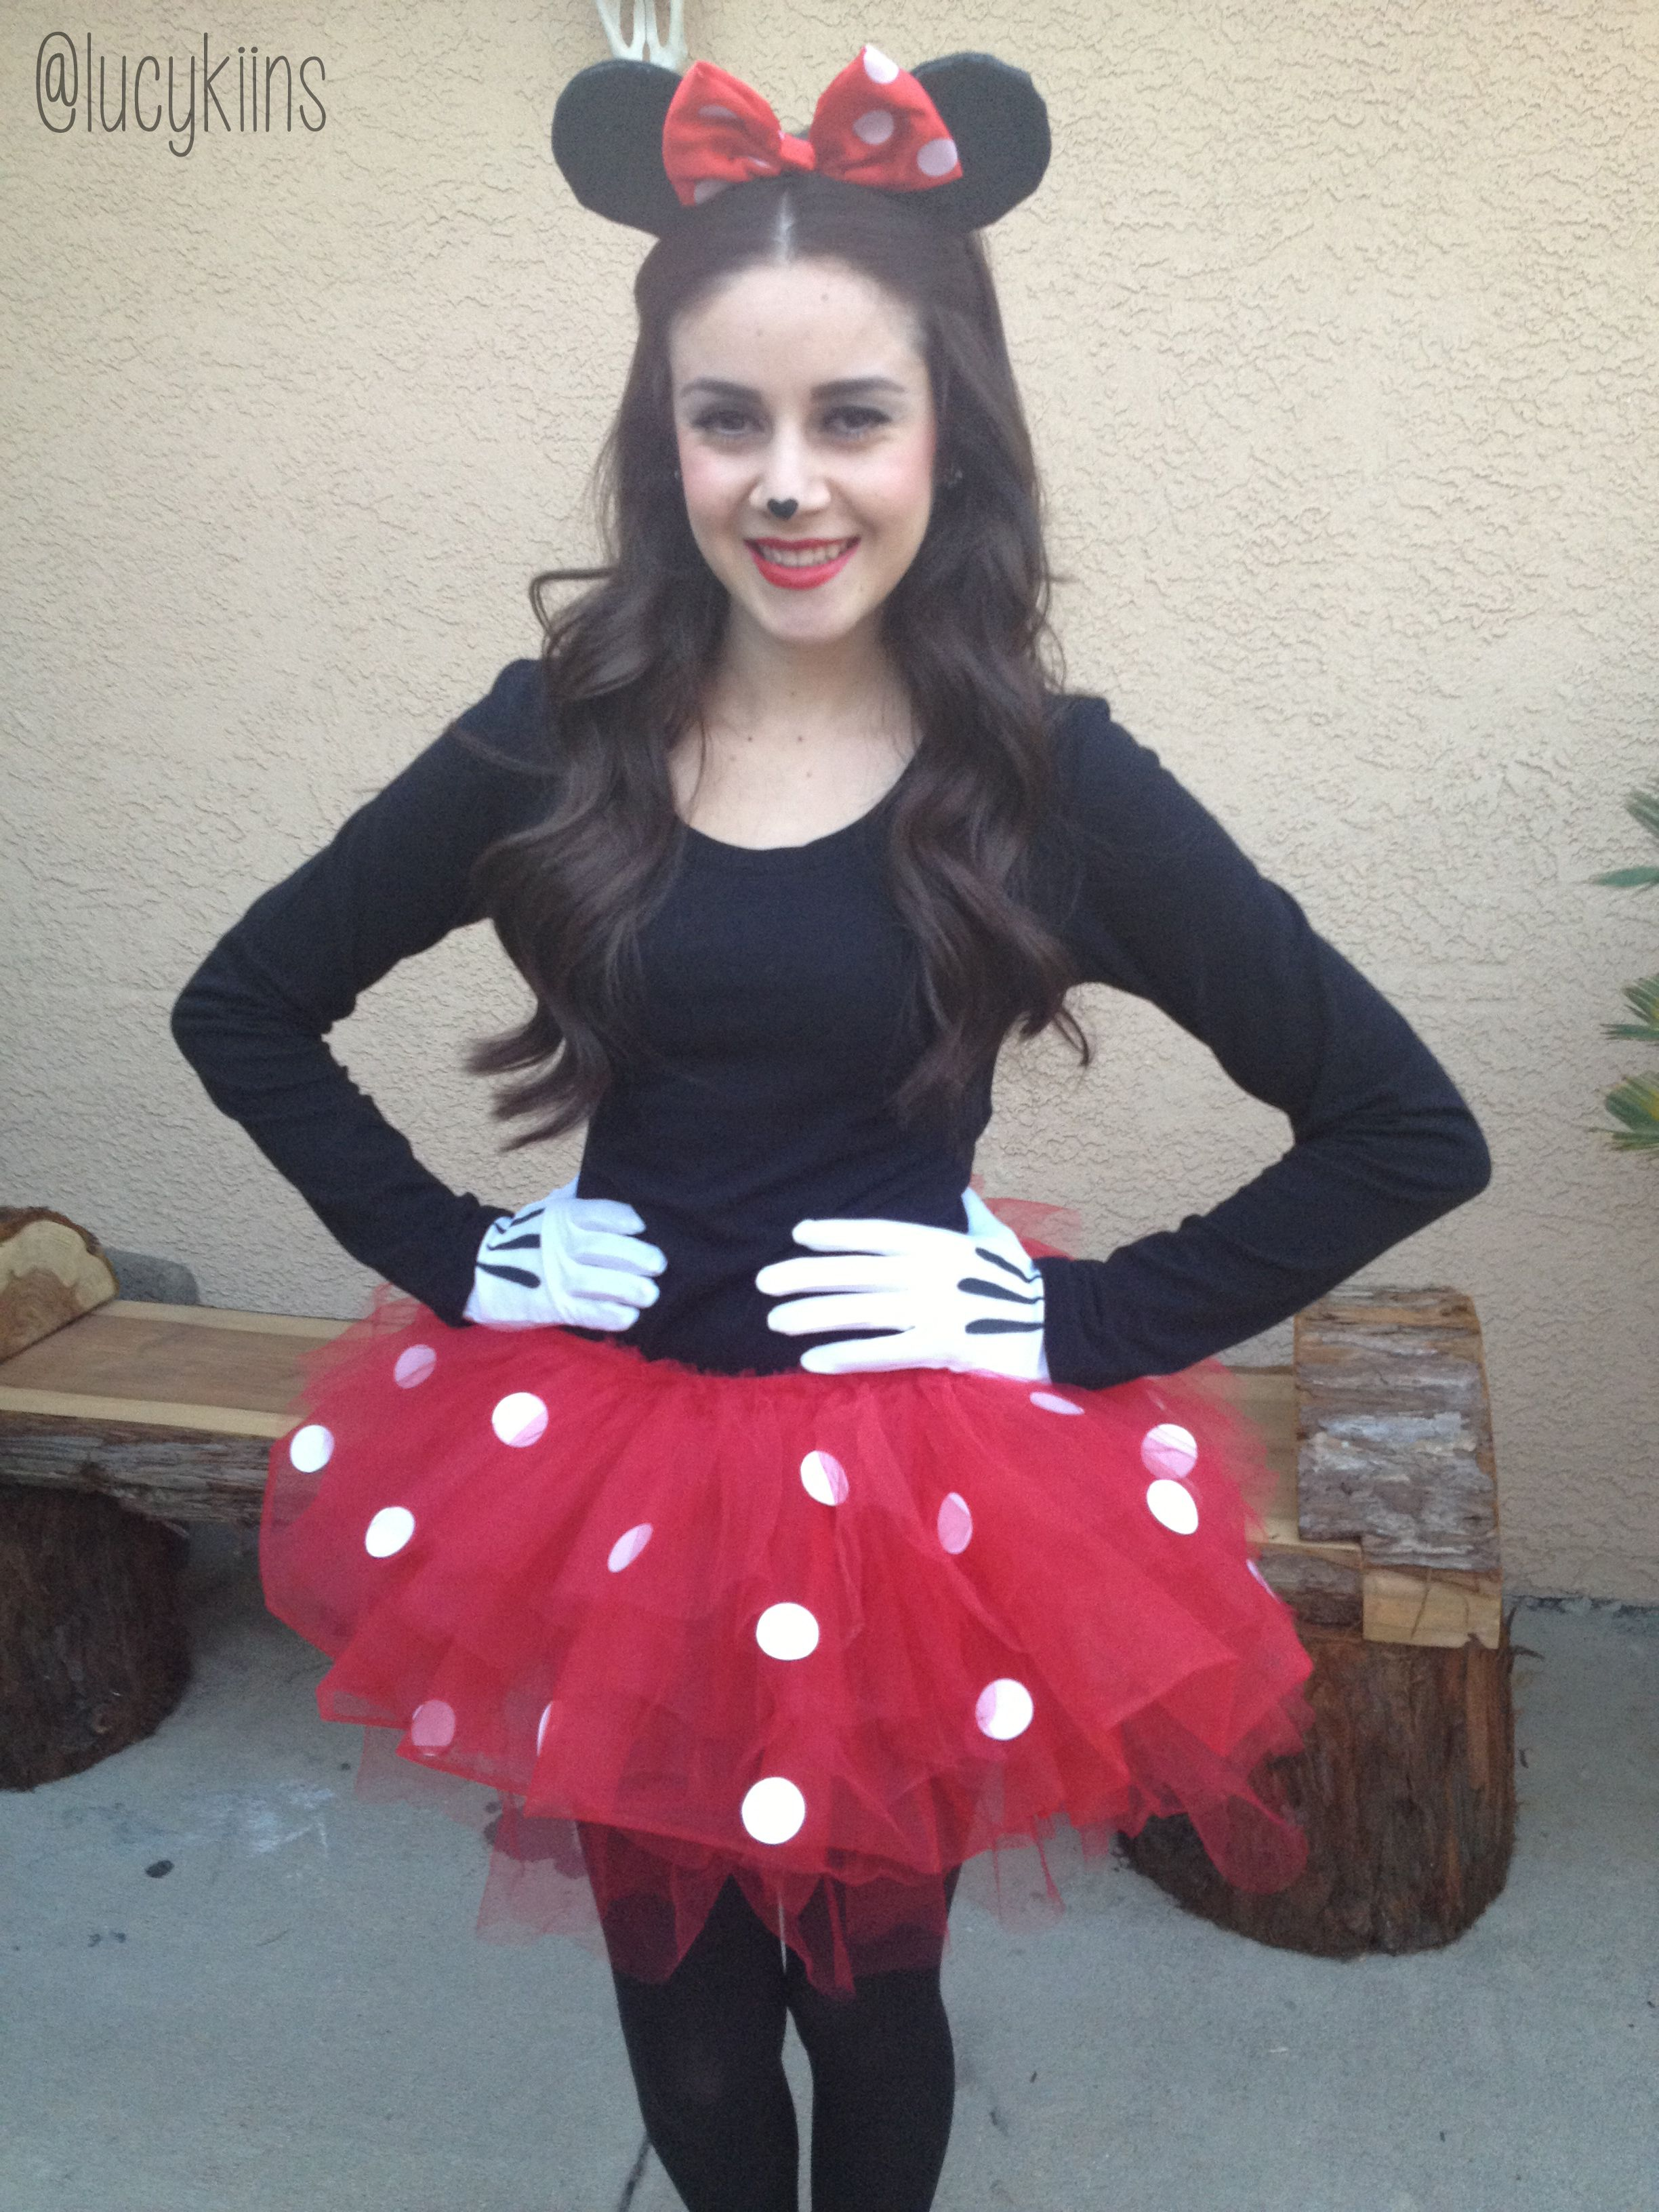 Minnie Mouse u003c3  sc 1 st  Pinterest & Minnie Mouse u003c3 | Halloweenie Ideas xD | Pinterest | Minnie mouse ...